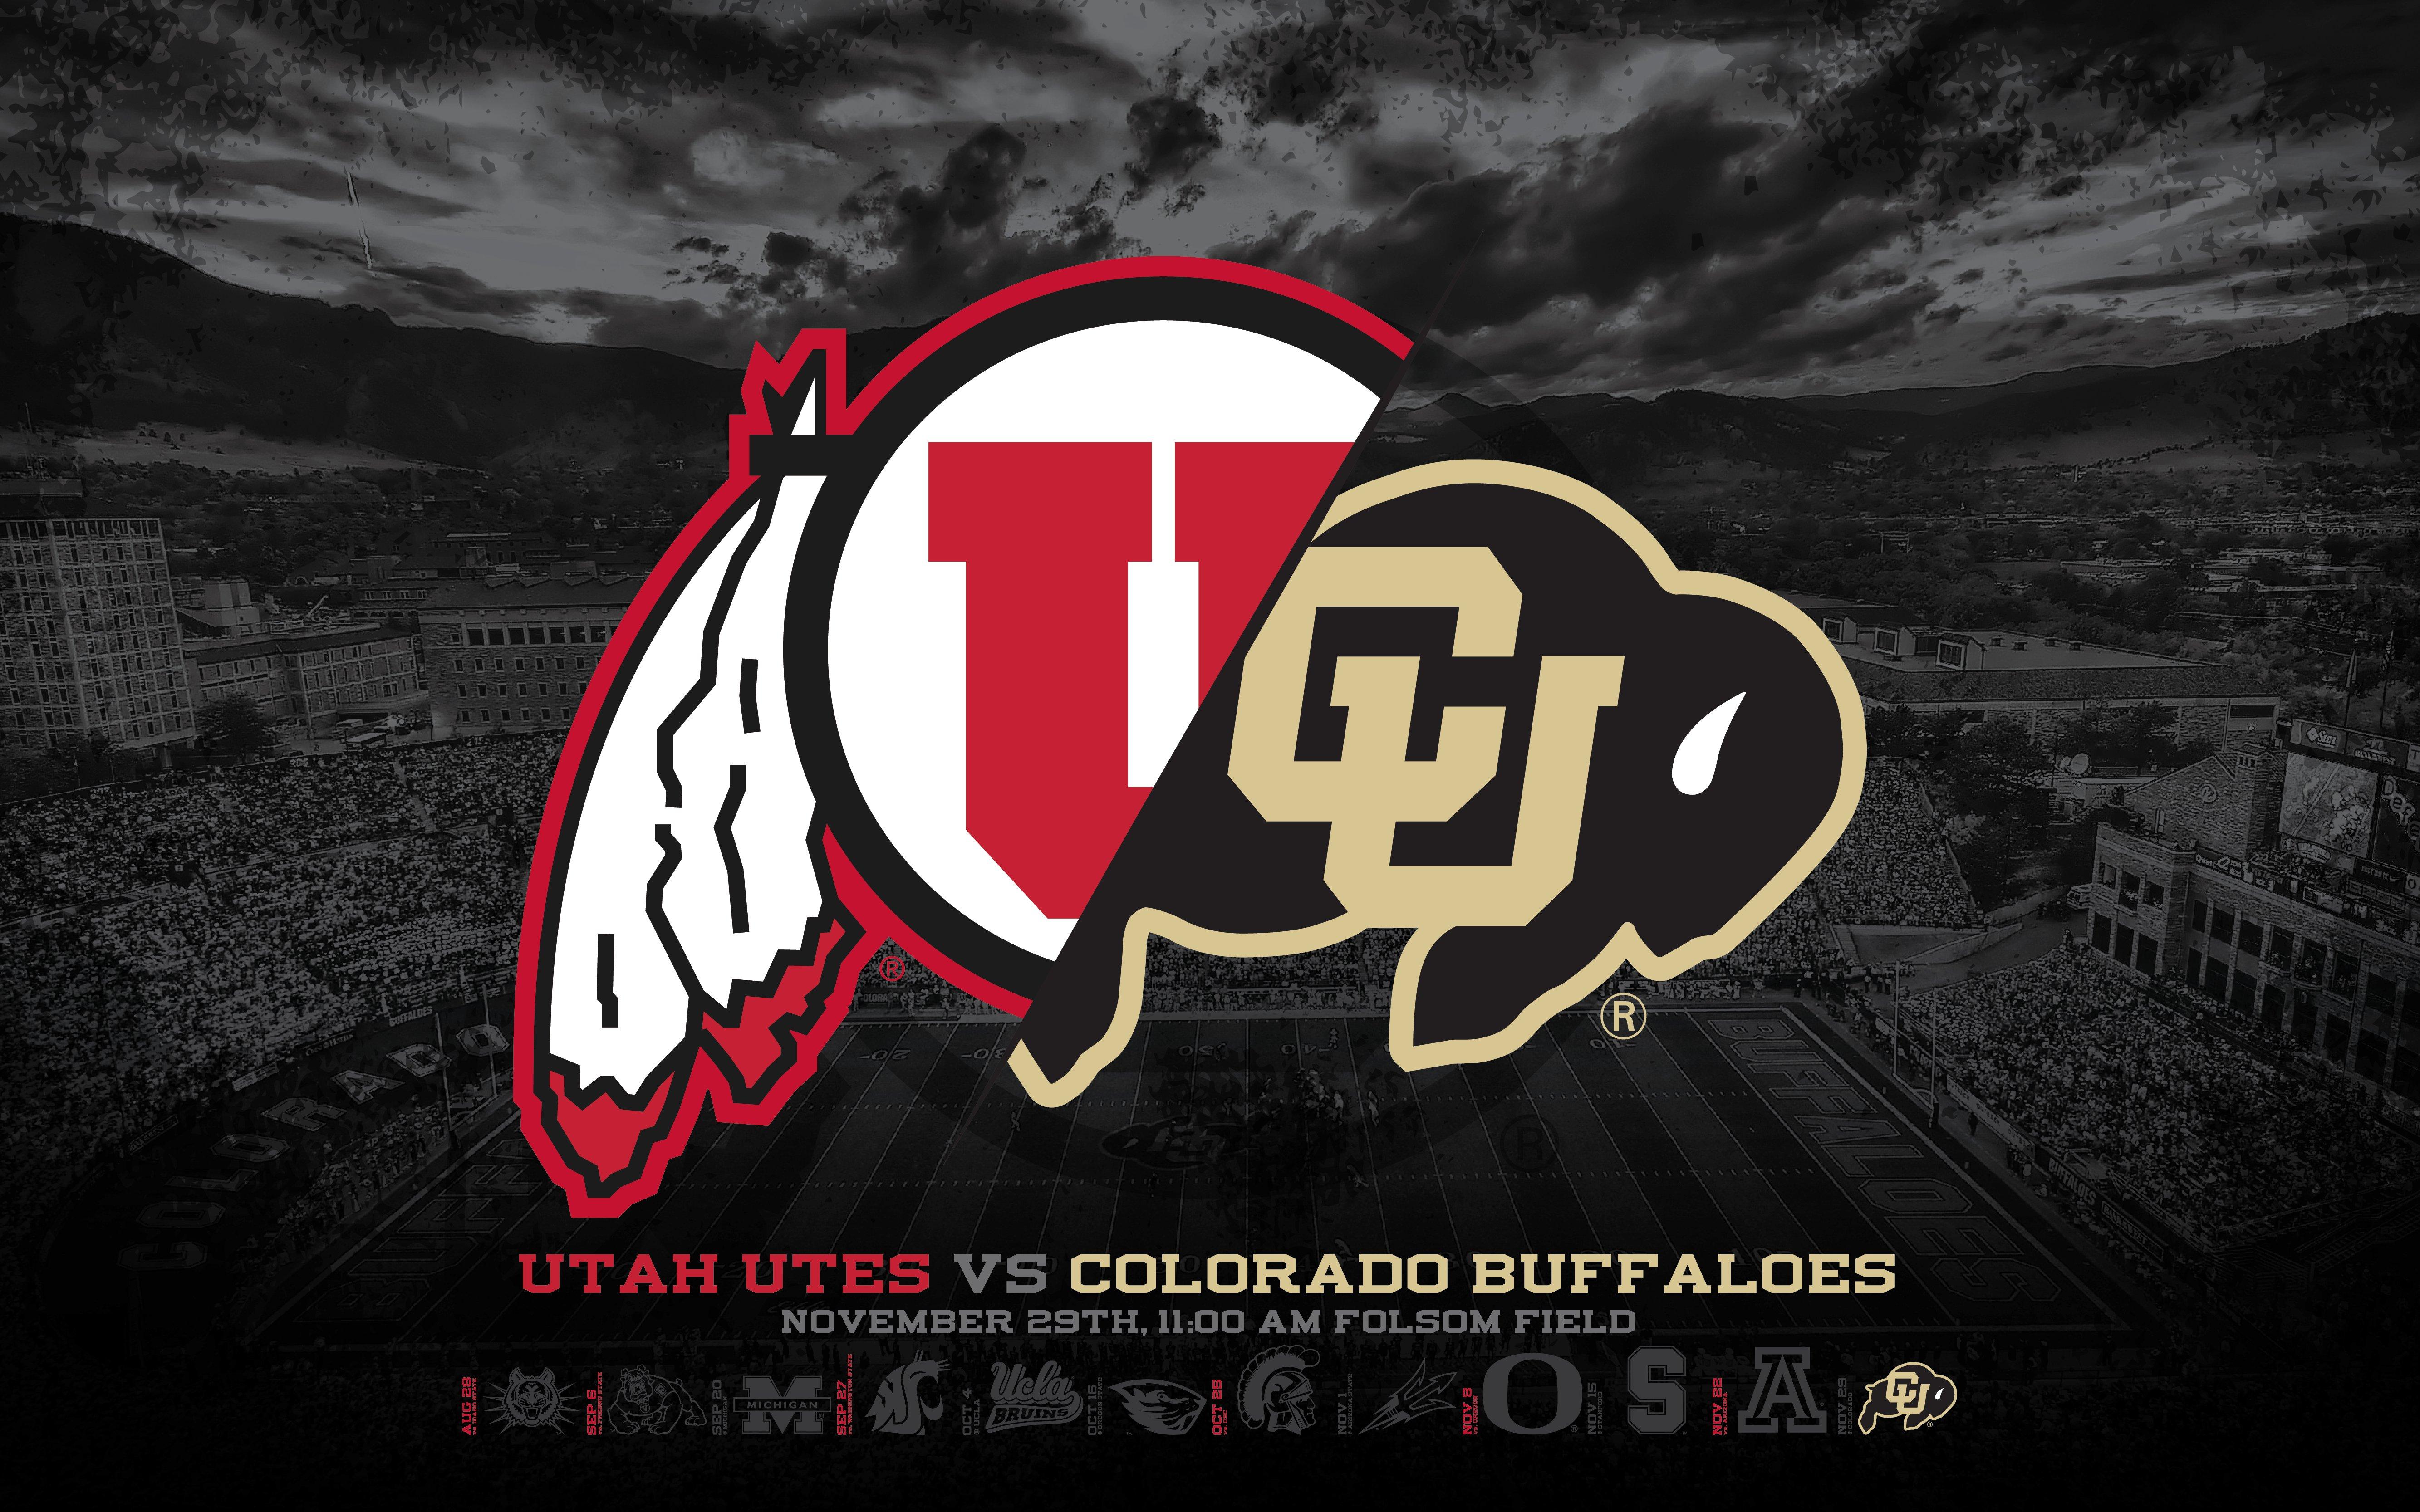 utah utes college football wallpaper 5333x3333 597676